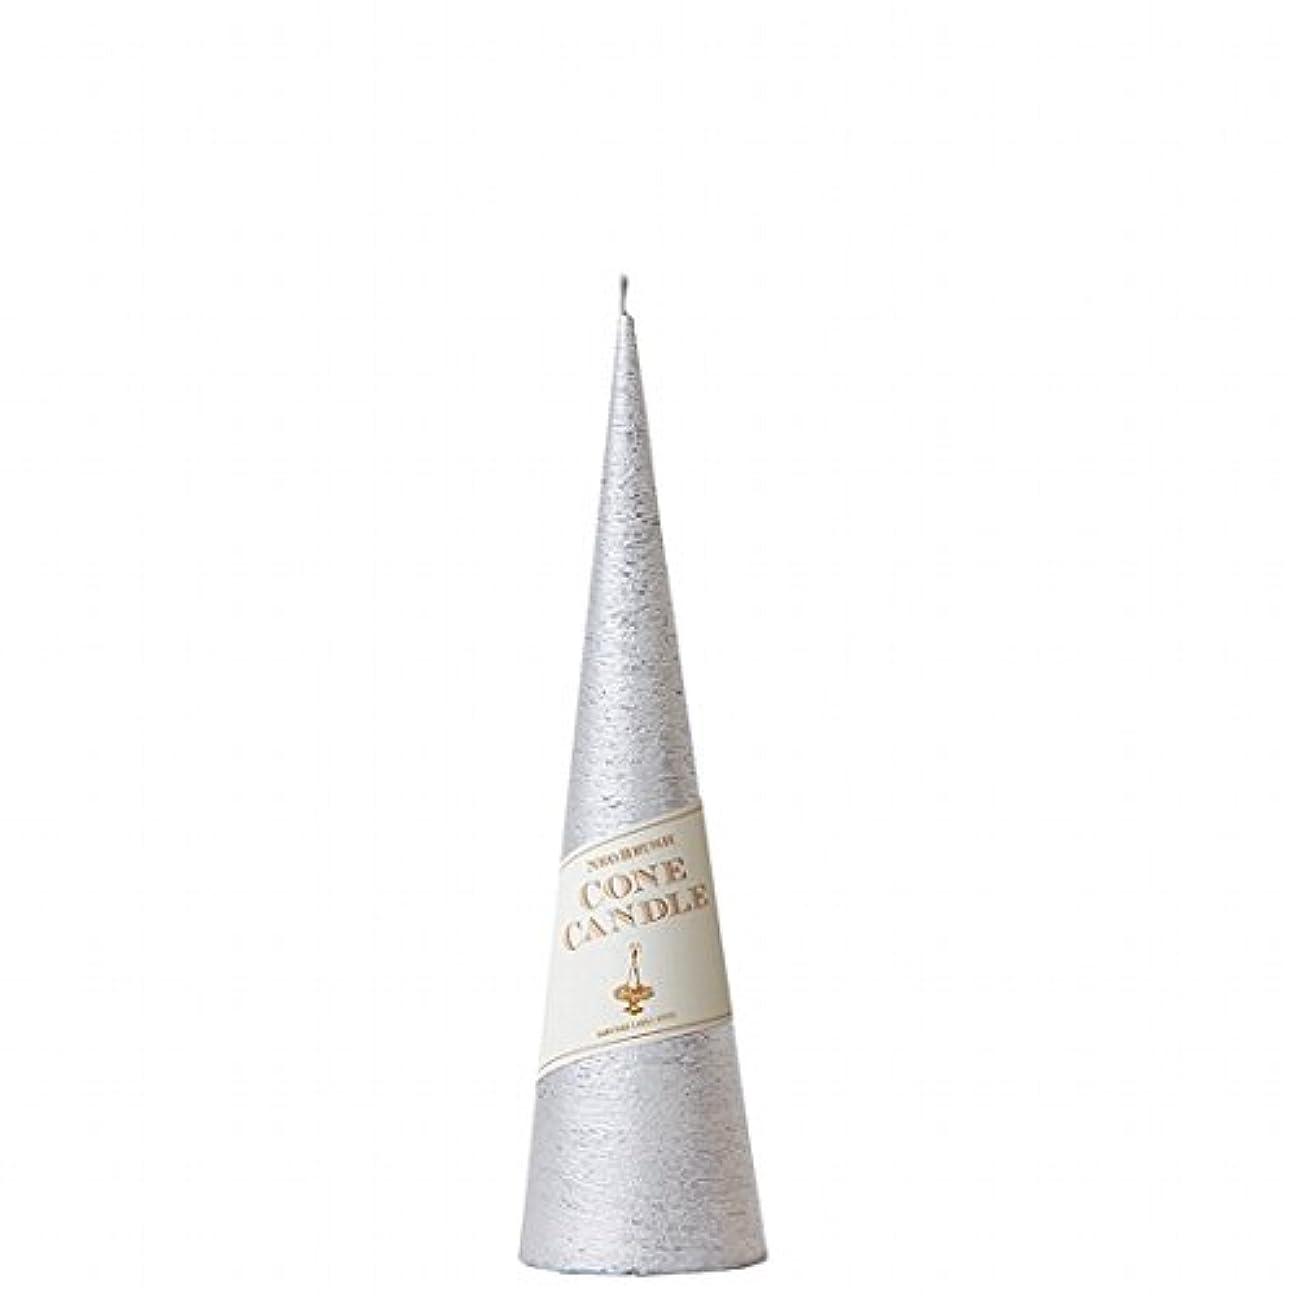 時計回り目に見えるそれカメヤマキャンドル( kameyama candle ) ネオブラッシュコーン 230 キャンドル 「 シルバー 」